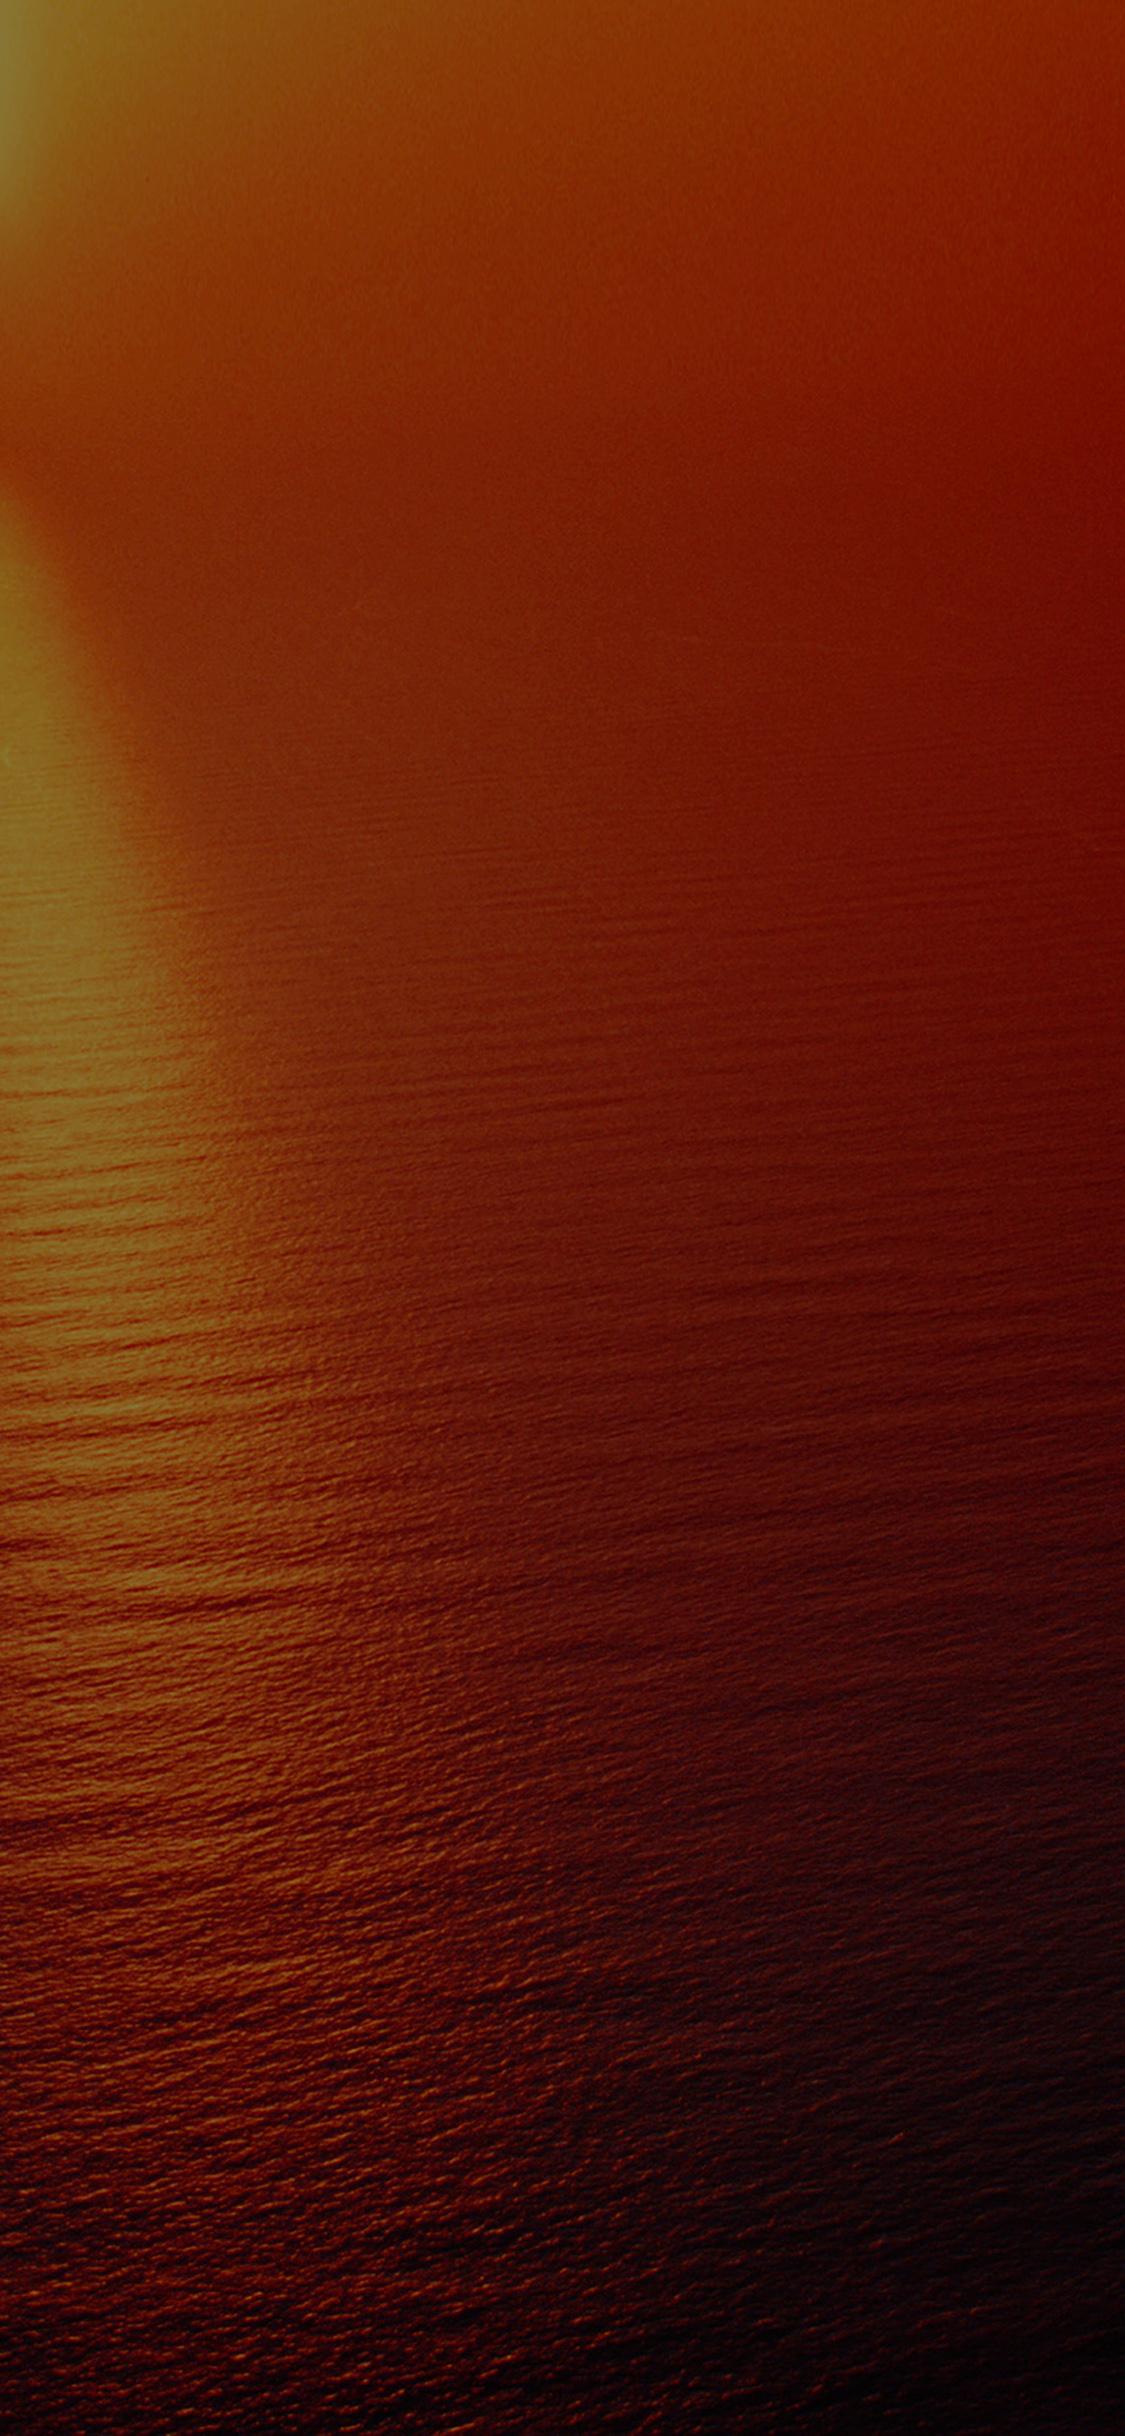 Iphonexpapers Com Iphone X Wallpaper Vj69 Water Ocean